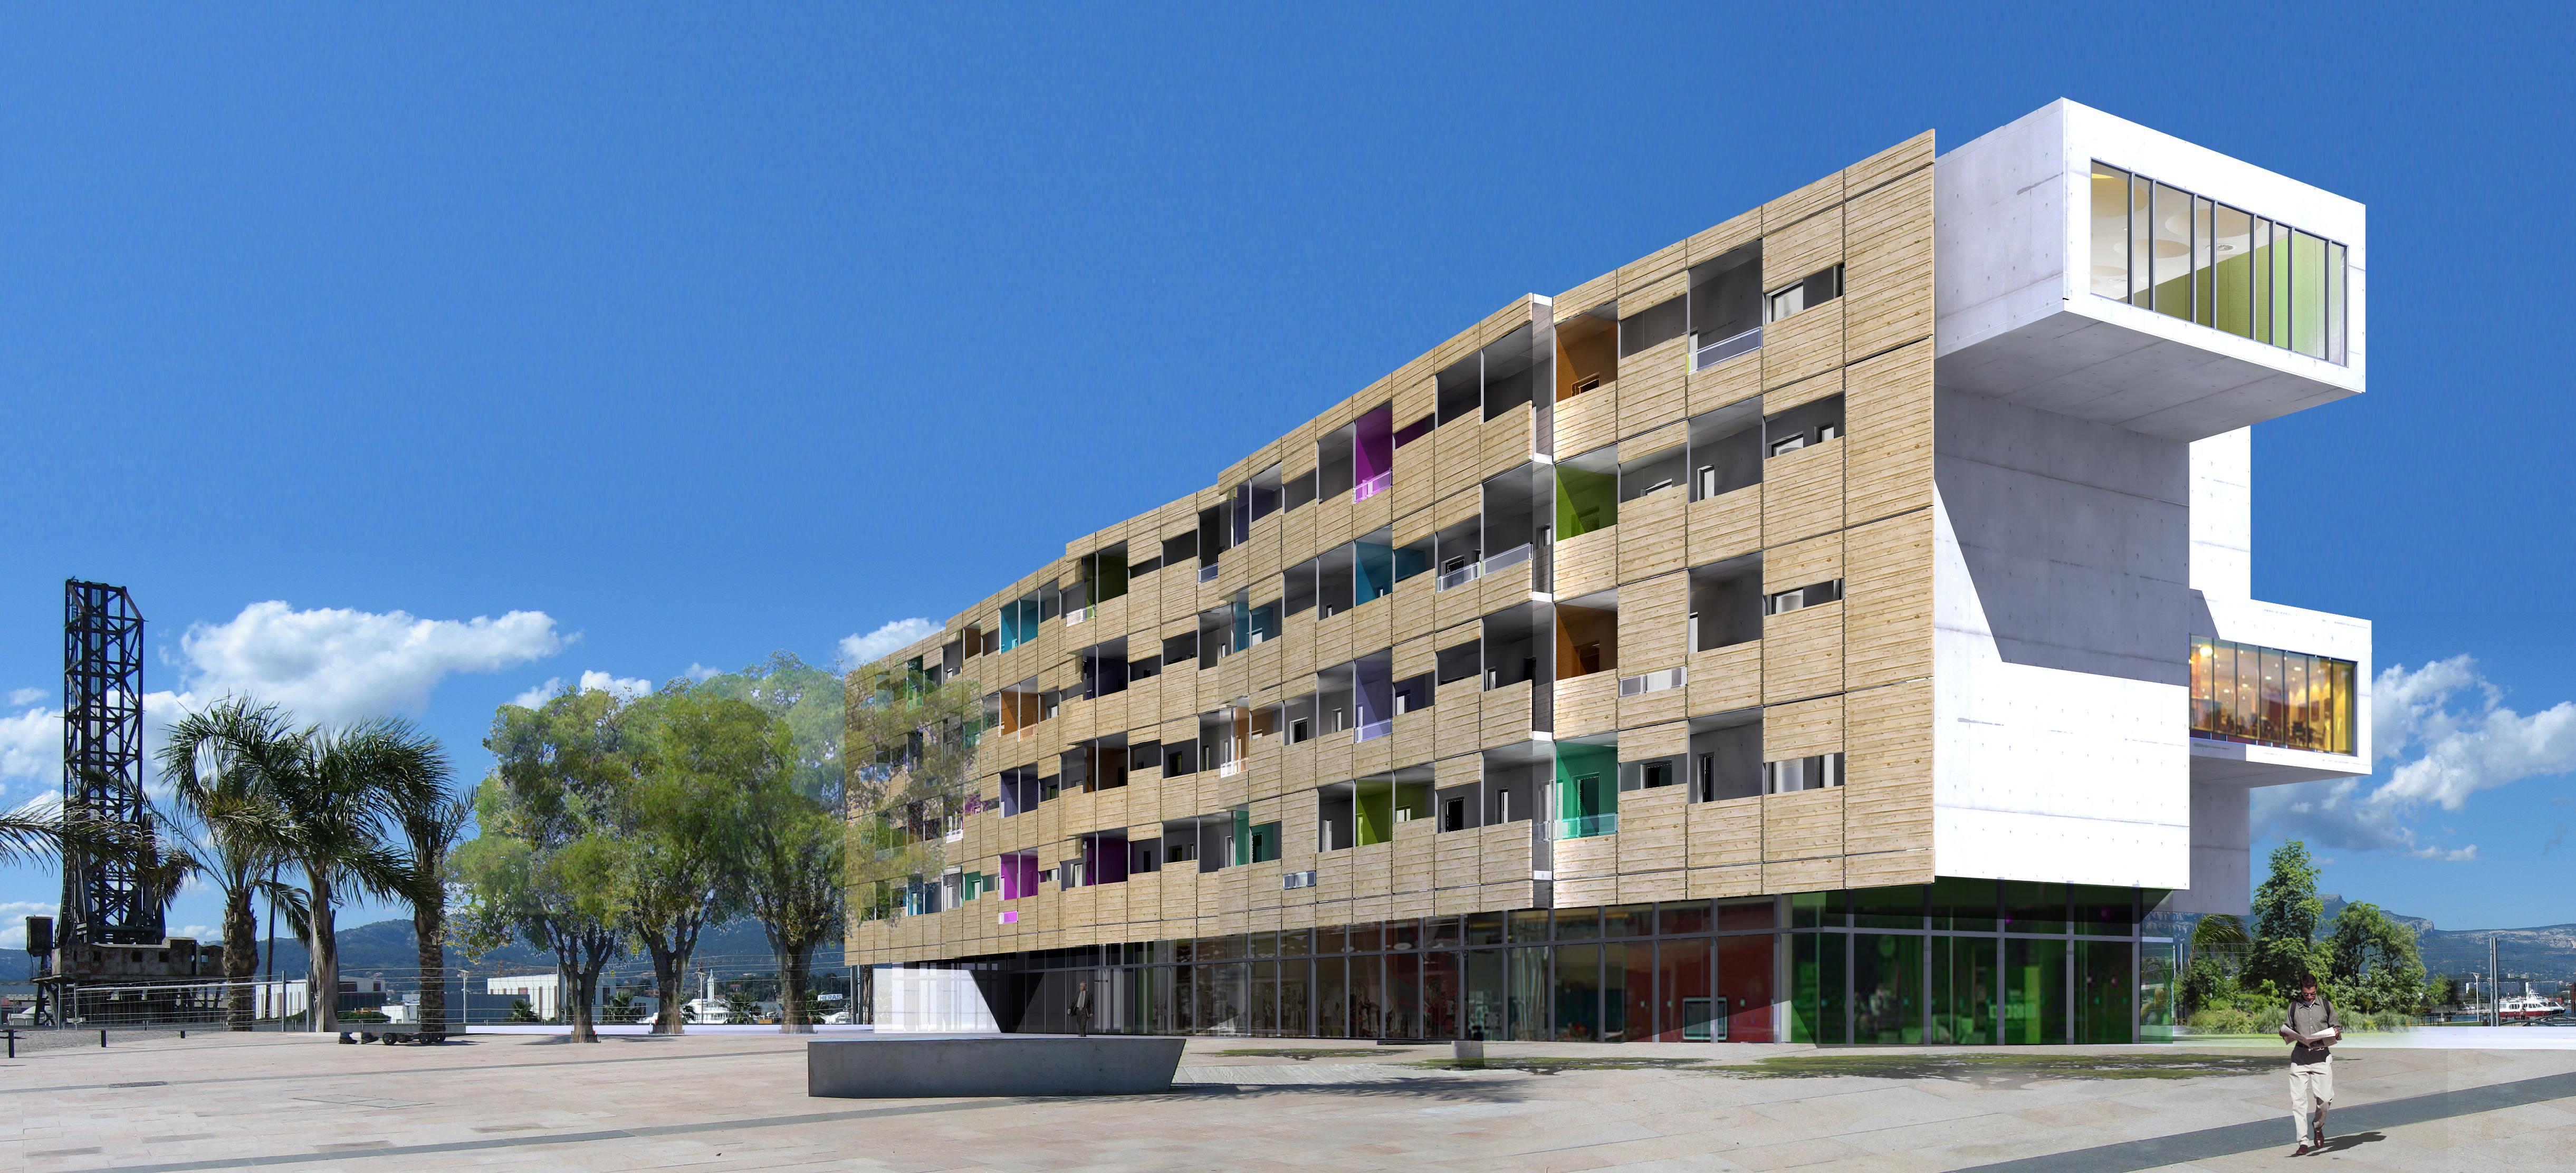 INTERSENS - JEAN-PAUL VIGUIER ARCHITECTE & CONSTRUCTA - Hotel - Concours - La Seine sur Mer